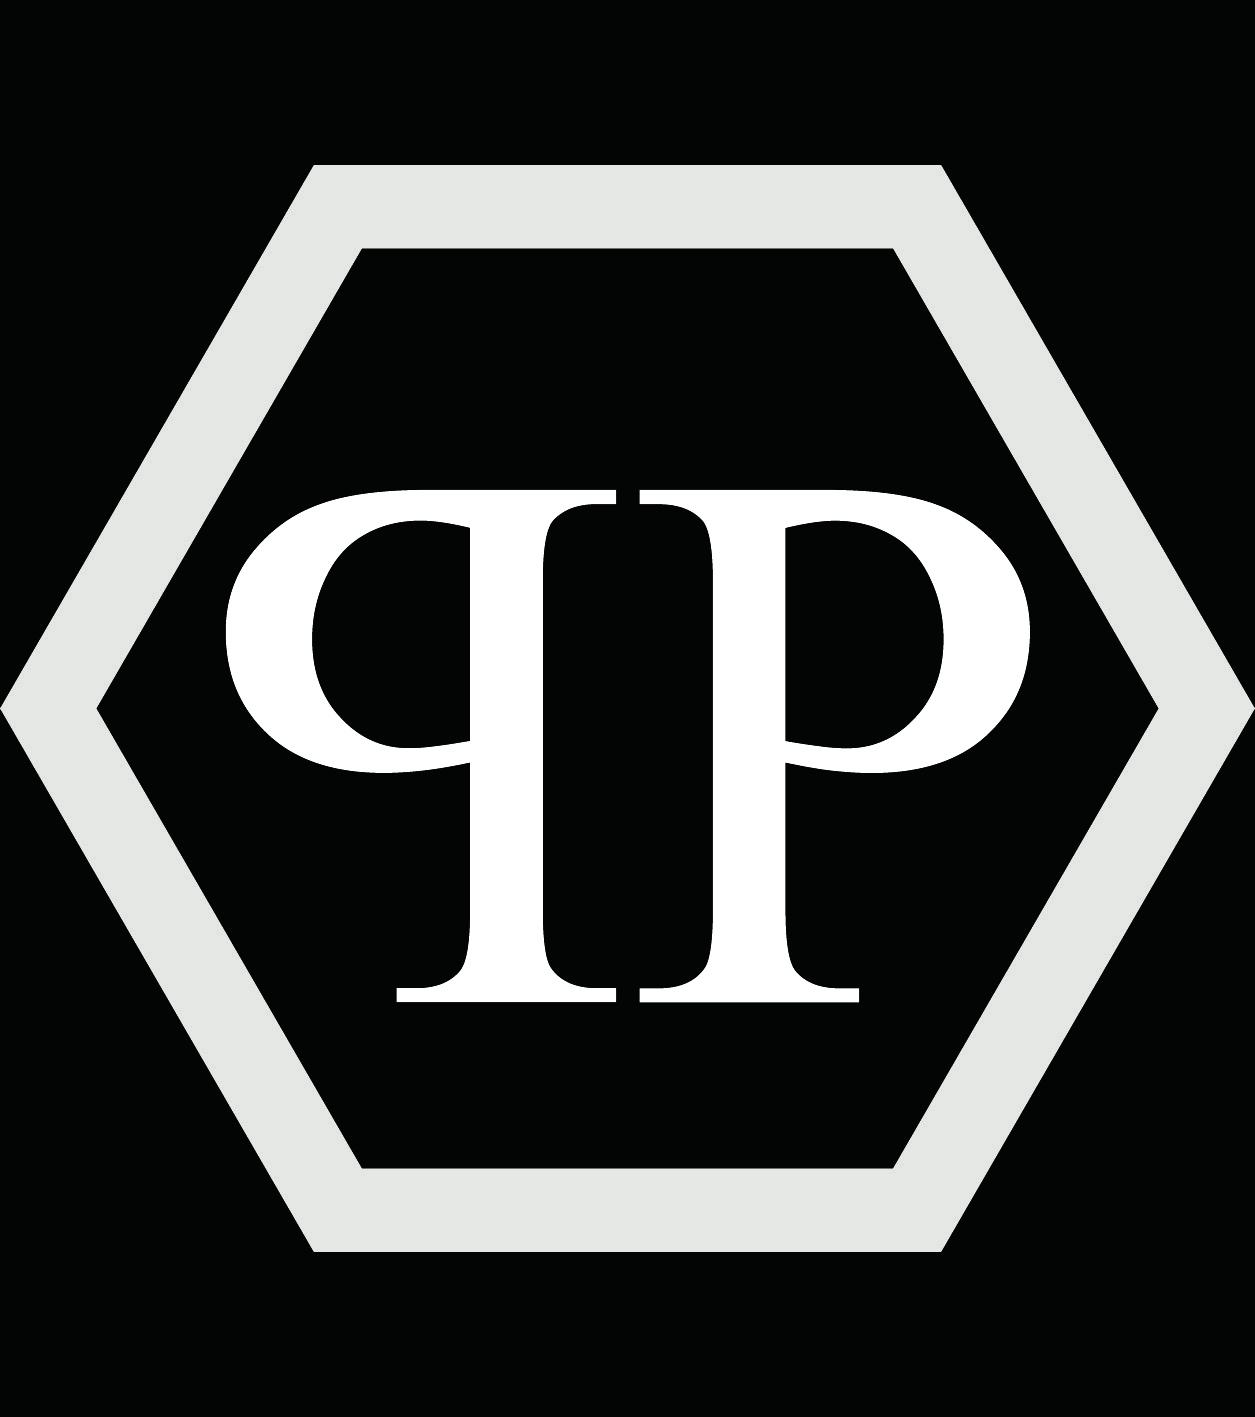 Philipp plein Logos.